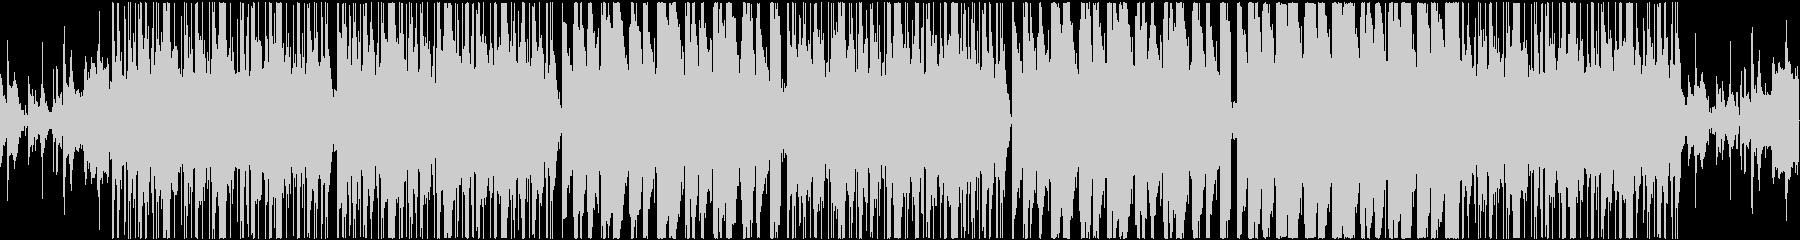 ダーク感のある重低音ヒップホップの未再生の波形